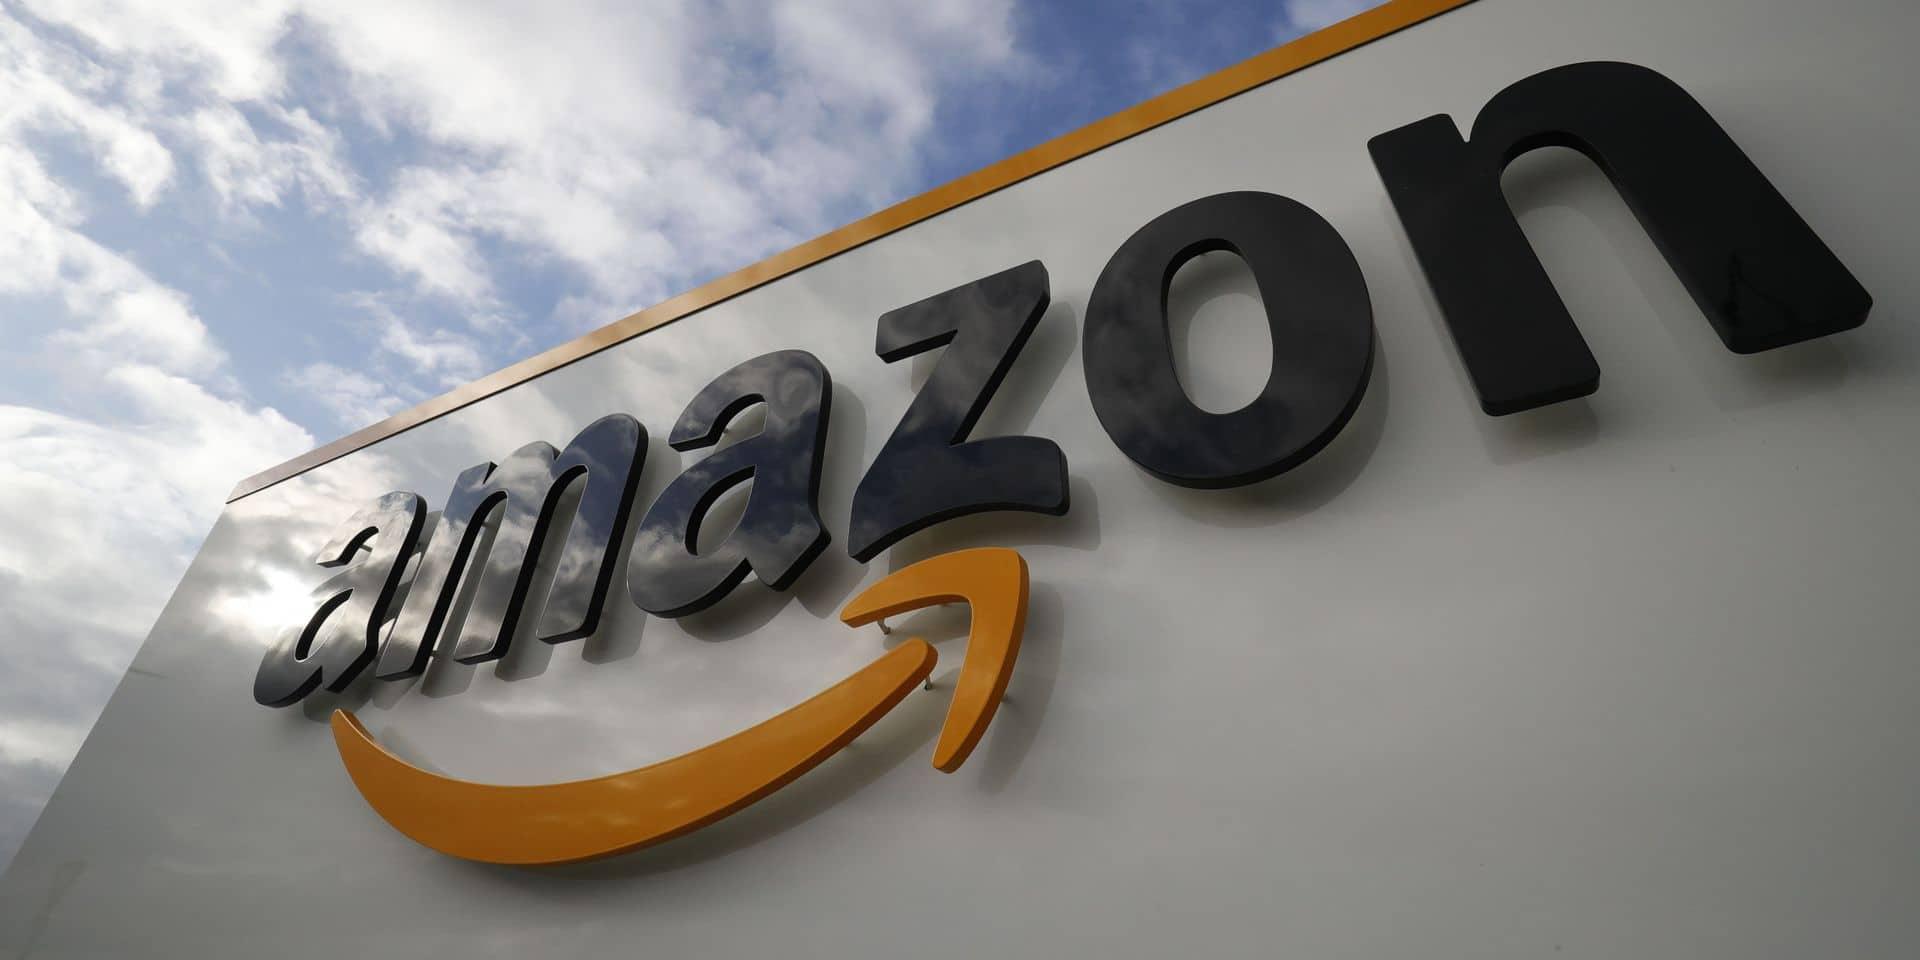 Amazon propose de lui livrer son cadeau à temps pour Noël...pour 10 000€ supplémentaires !